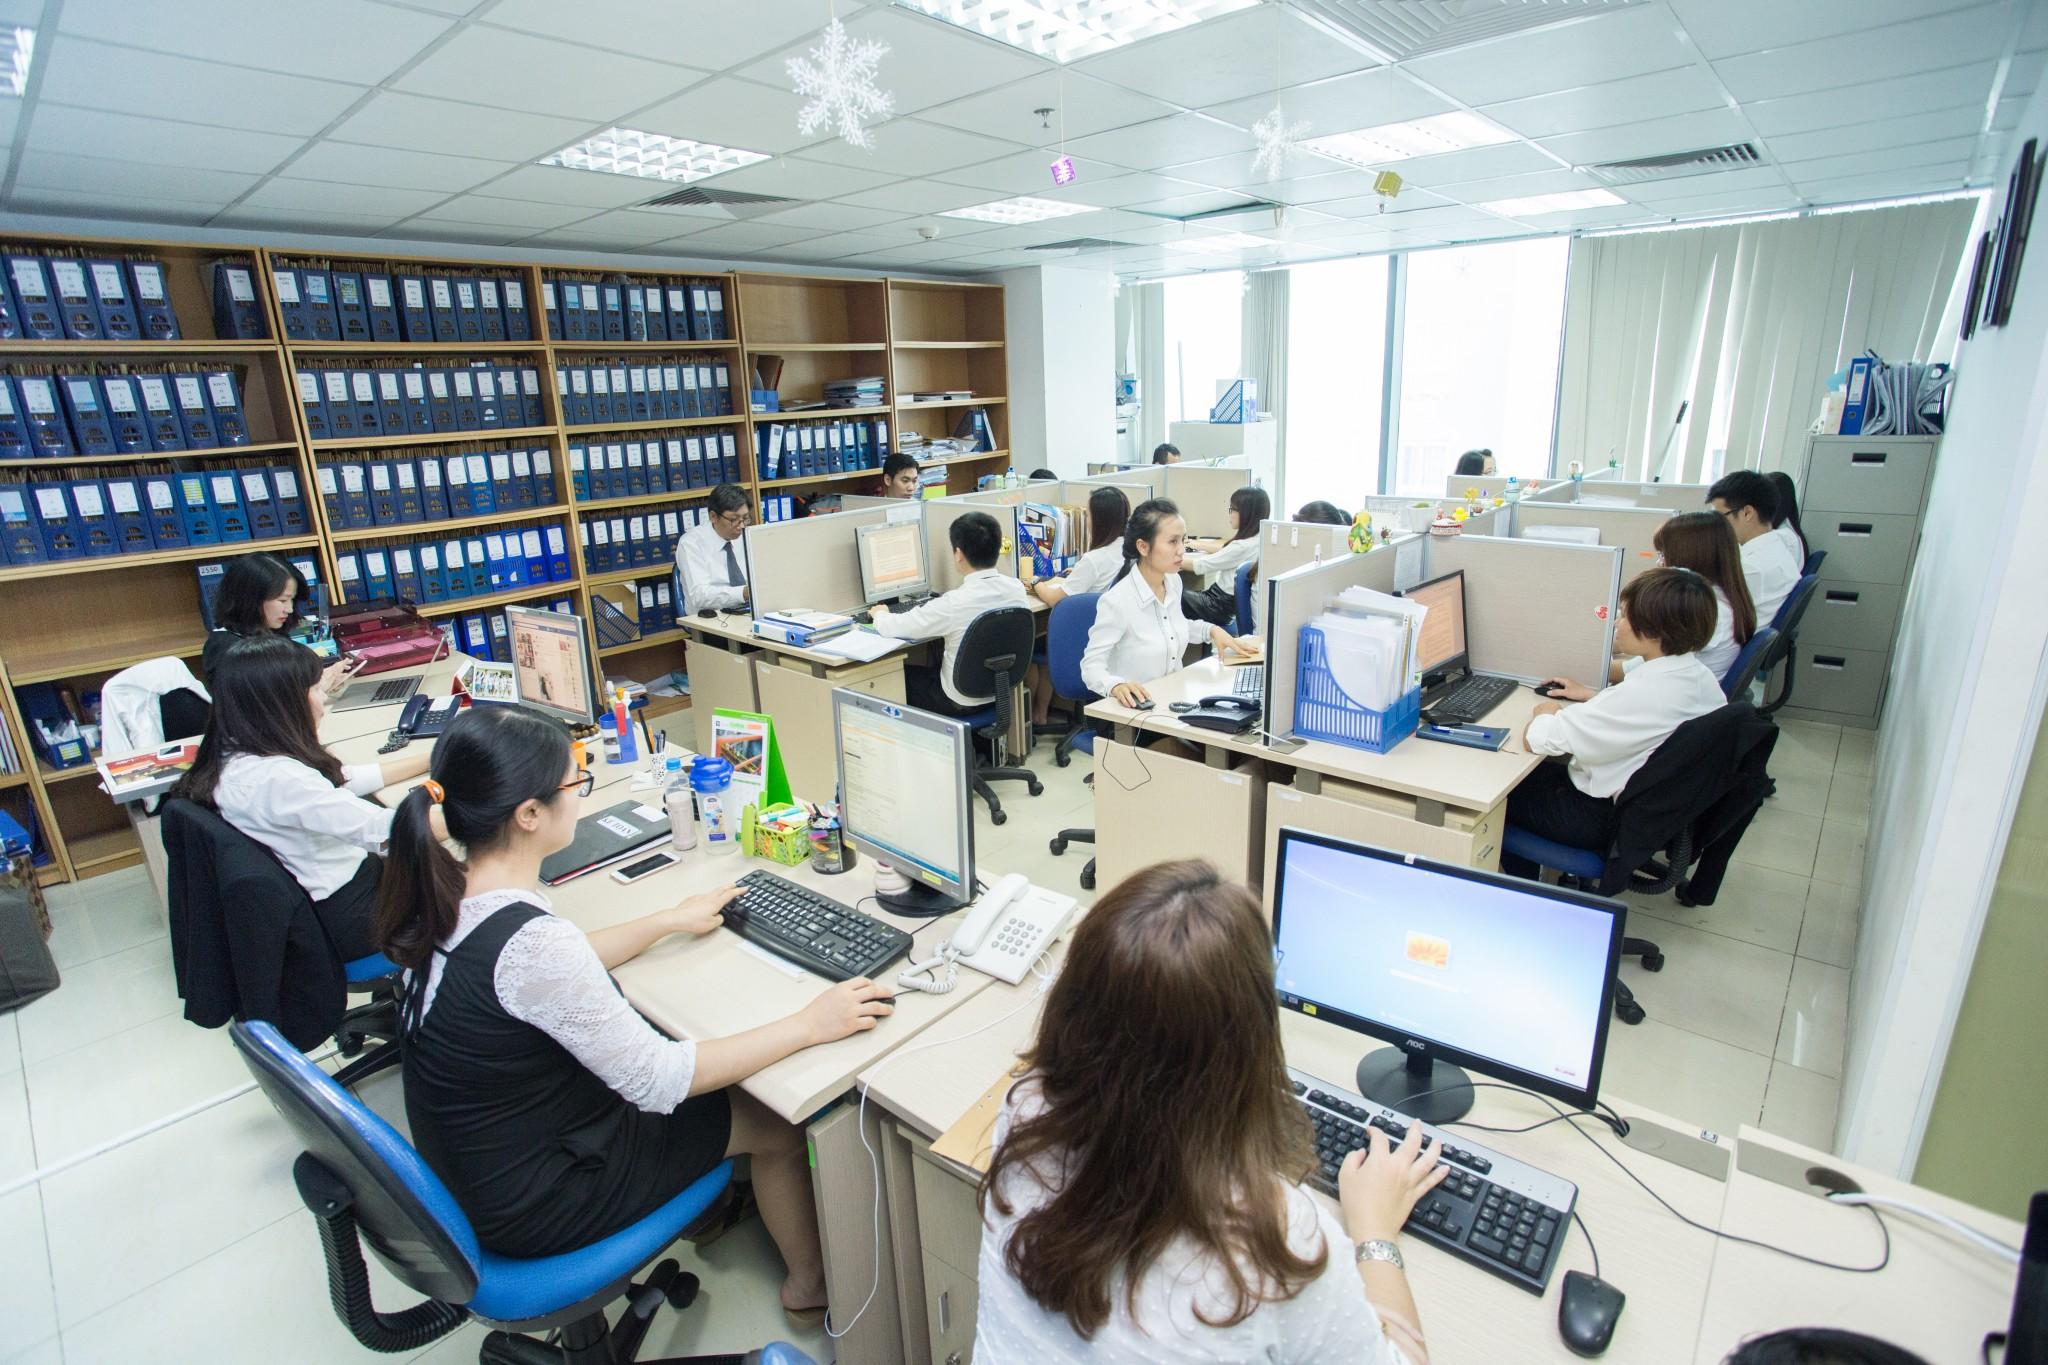 Tư vấn về việc đầu tư công ty nước ngoài tại Việt Nam